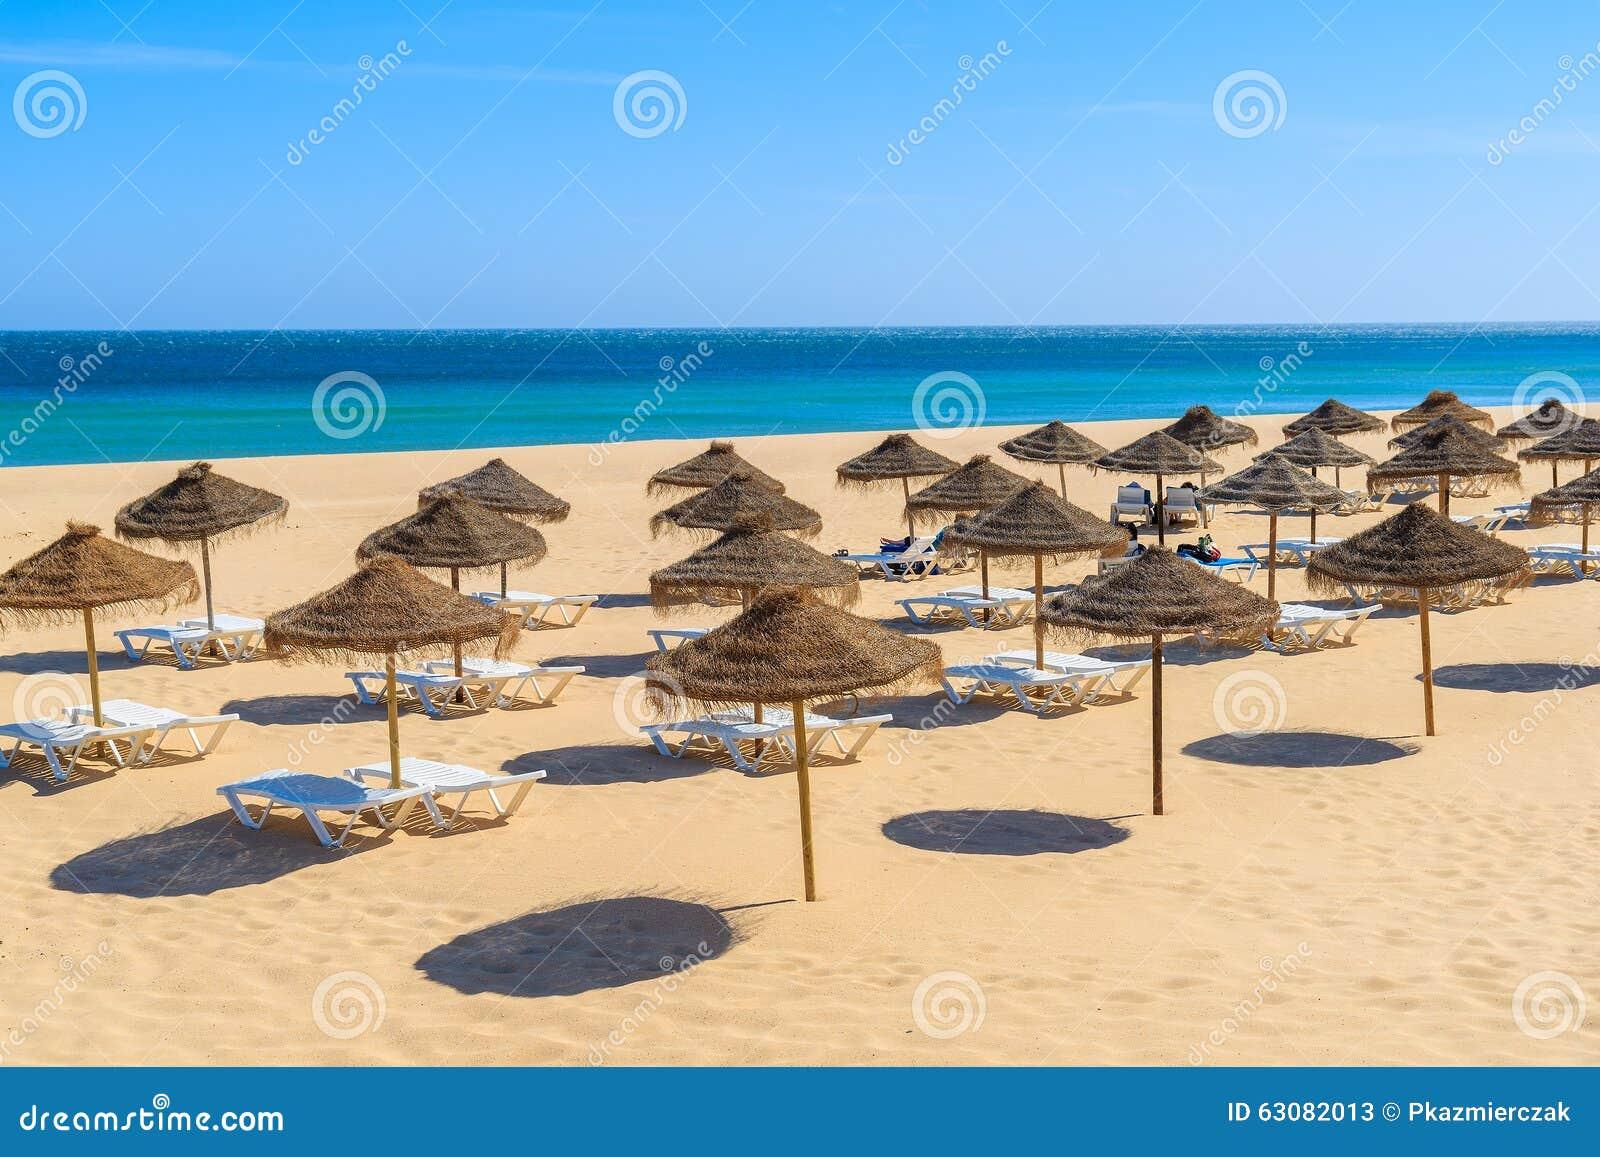 Download Lits Pliants Avec Des Parapluies Sur La Plage Sablonneuse Image stock - Image du été, herbe: 63082013